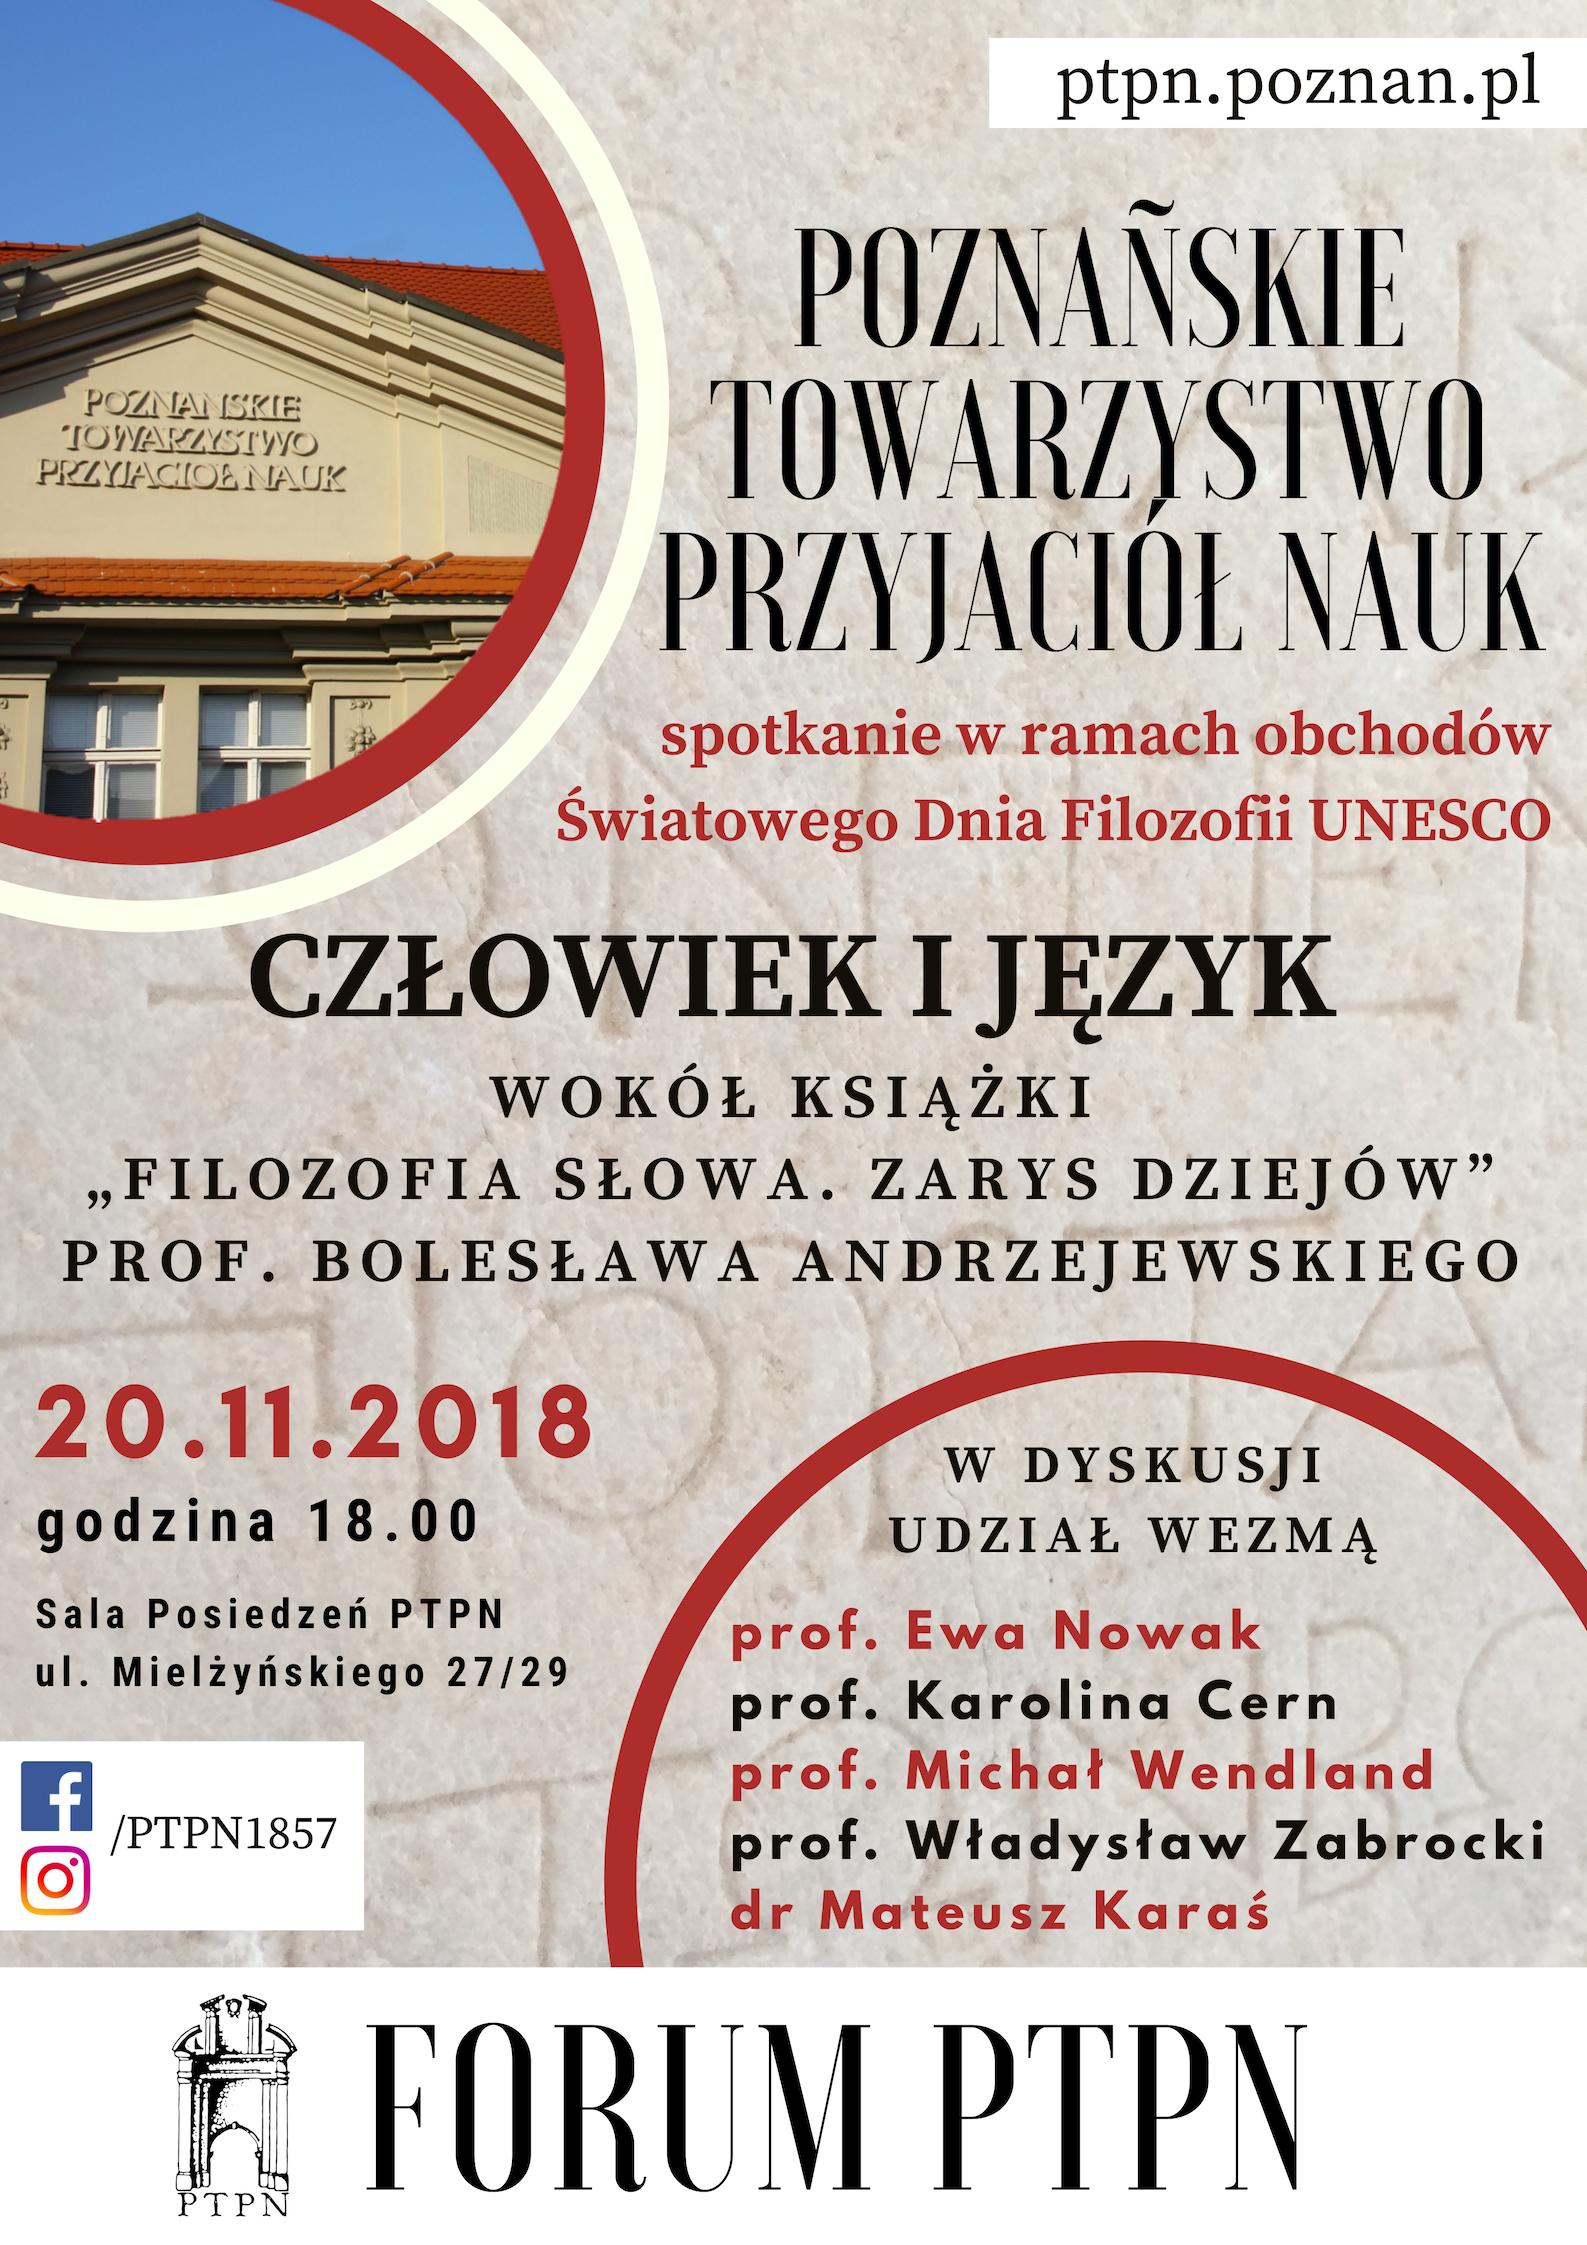 Forum PTPN – spotkanie z prof. Bolesławem Andrzejewskim